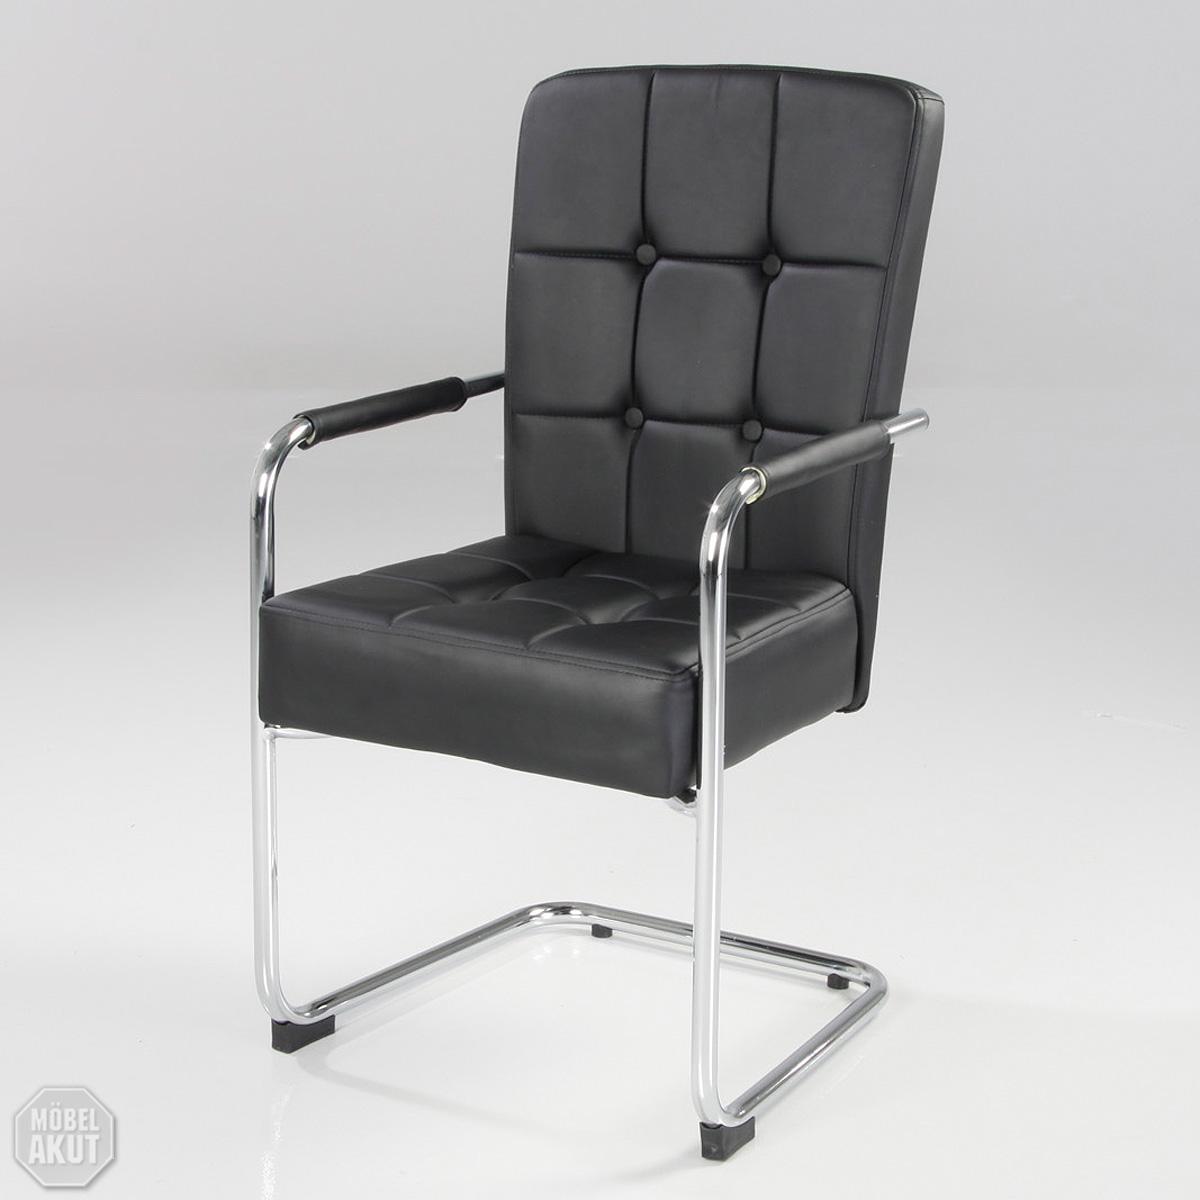 4er set schwingstuhl oliver mit armlehne stuhl lederlook schwarz ebay